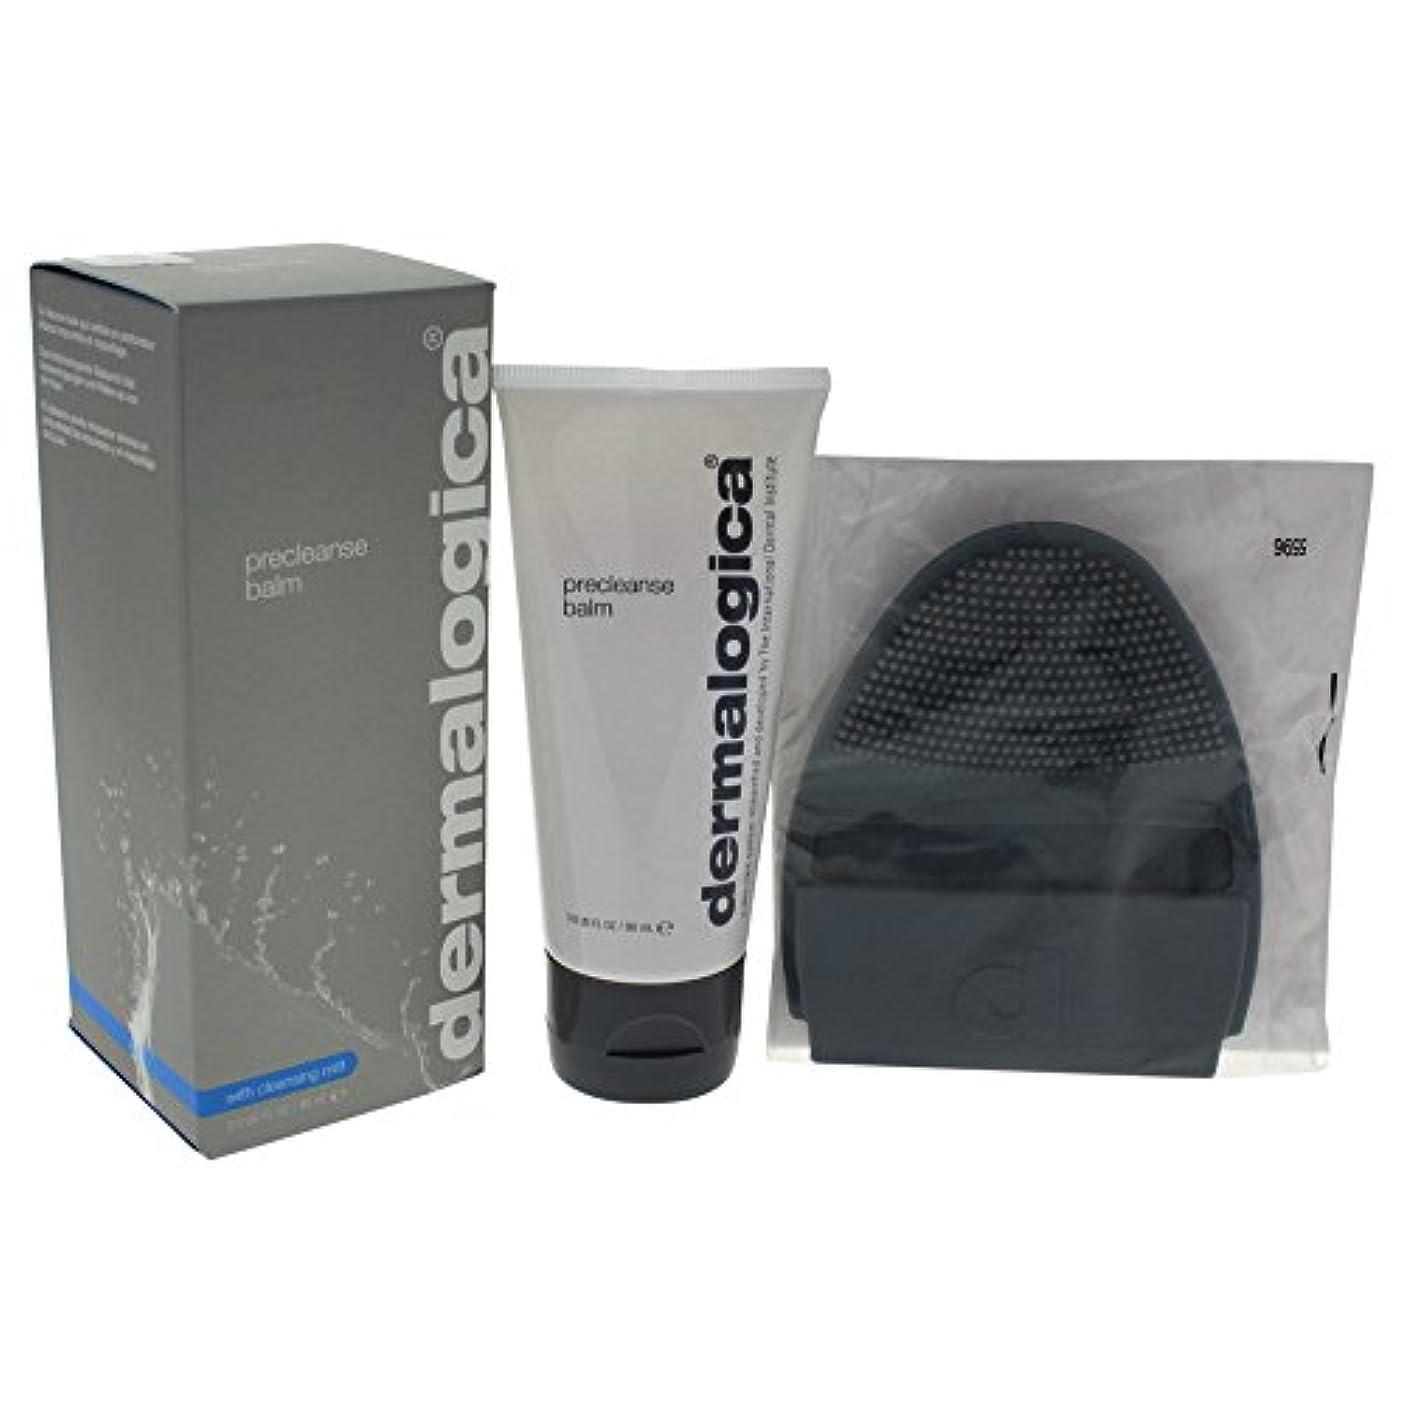 付ける鎮静剤シンプルなダーマロジカ Precleanse Balm (with Cleansing Mitt) - For Normal to Dry Skin 90ml/3oz並行輸入品